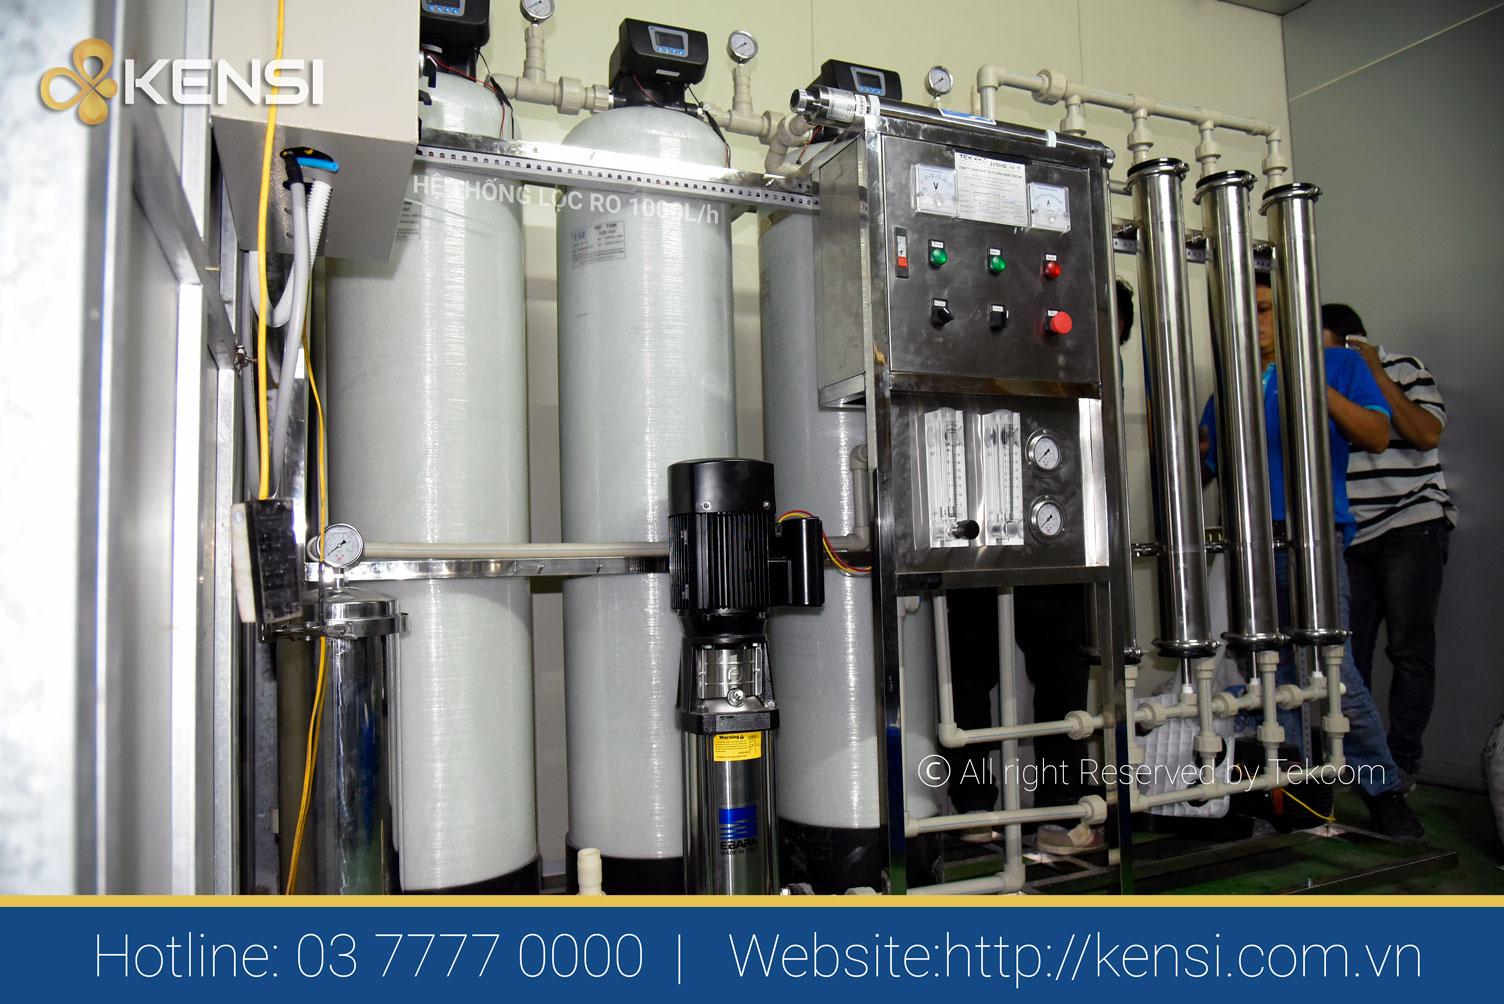 Cung cấp lắp đặt hệ thống lọc nước công nghiệp tại Hà Nội